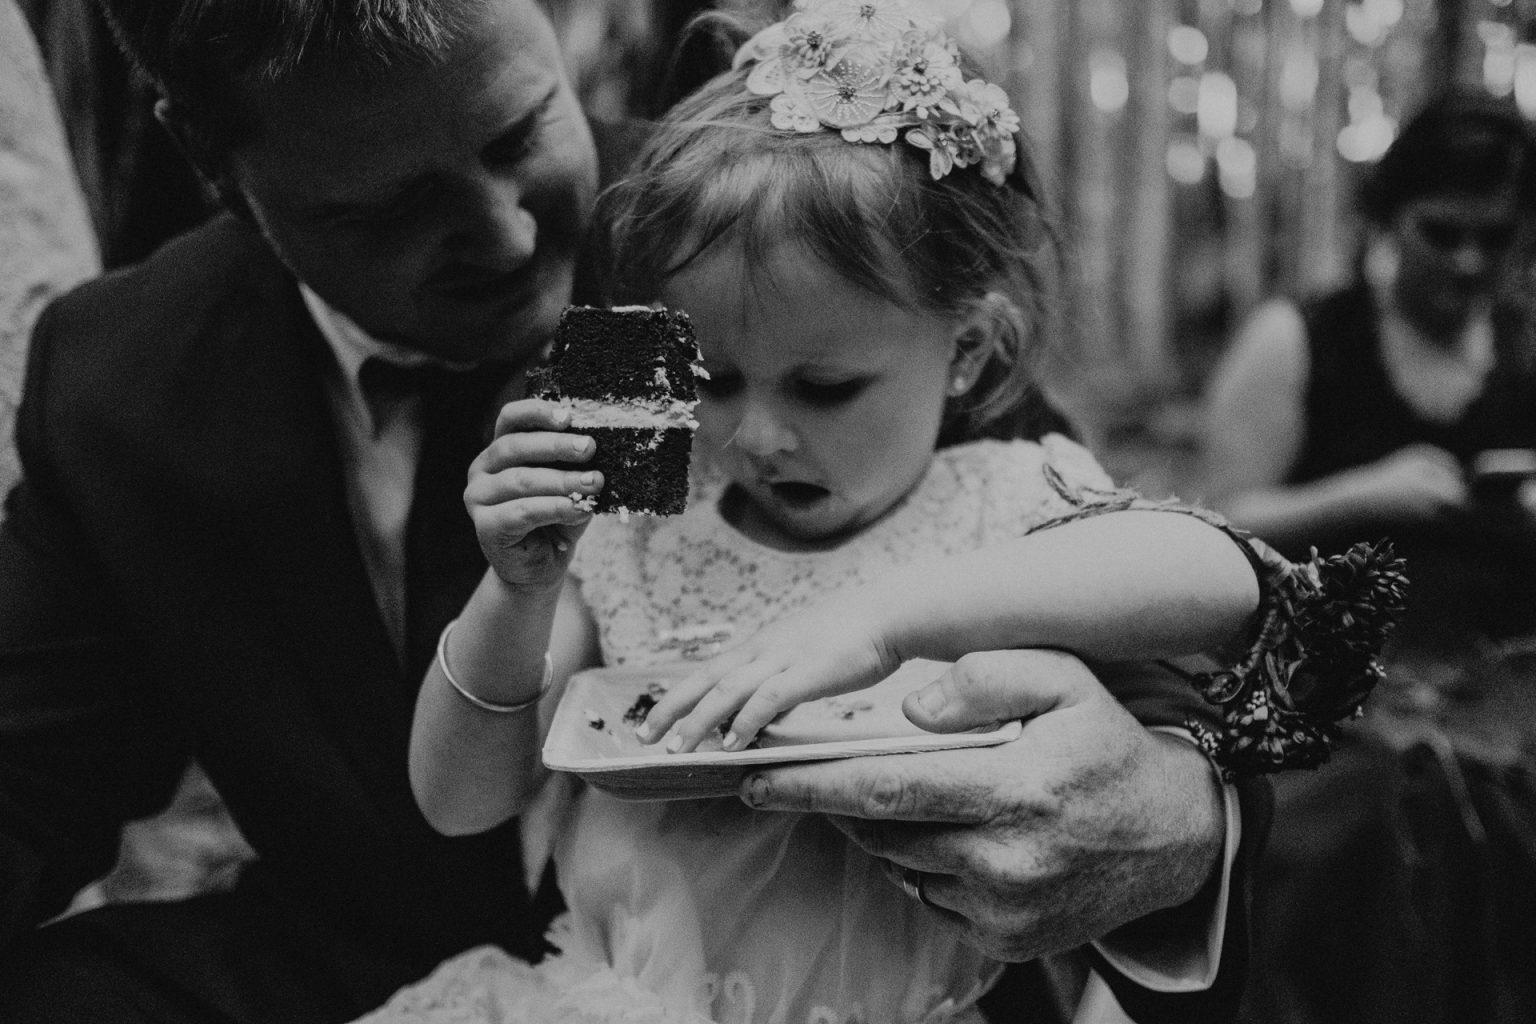 flower girl eats cake with groom